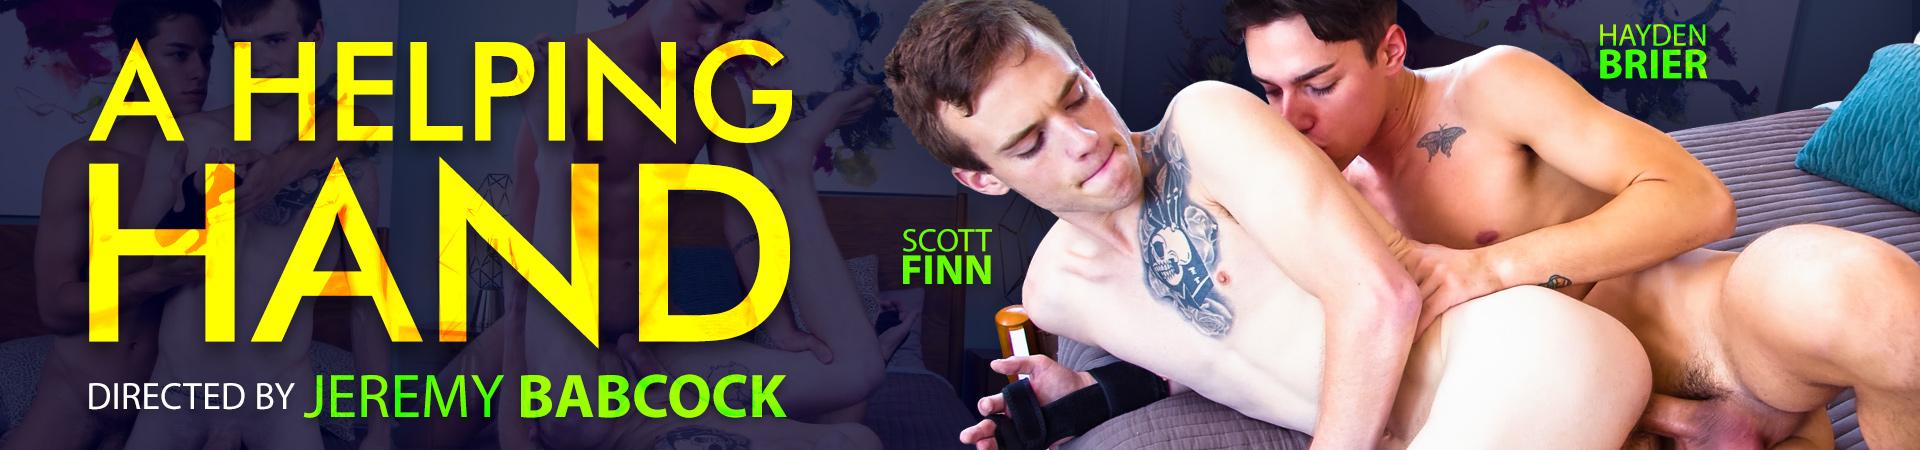 A Helping Hand Featuring Hayden Brier and Scott Finn